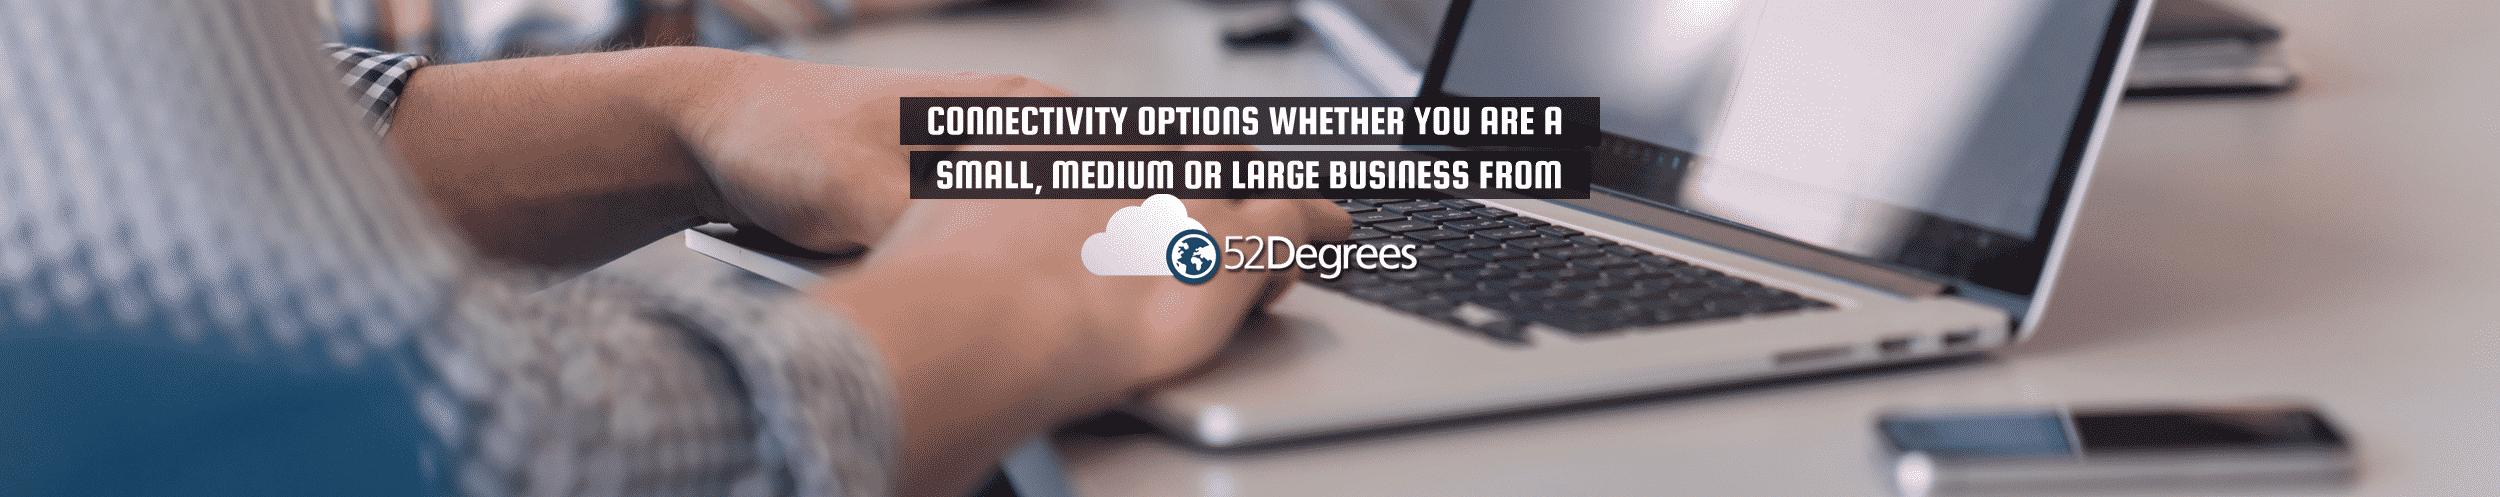 52Degrees Connectivity (широкополосная проверка) - изображение функции | «параметры подключения, будь то небольшой, средний или крупный бизнес» | человек на клавиатуре | Телекоммуникационные решения, Норидж